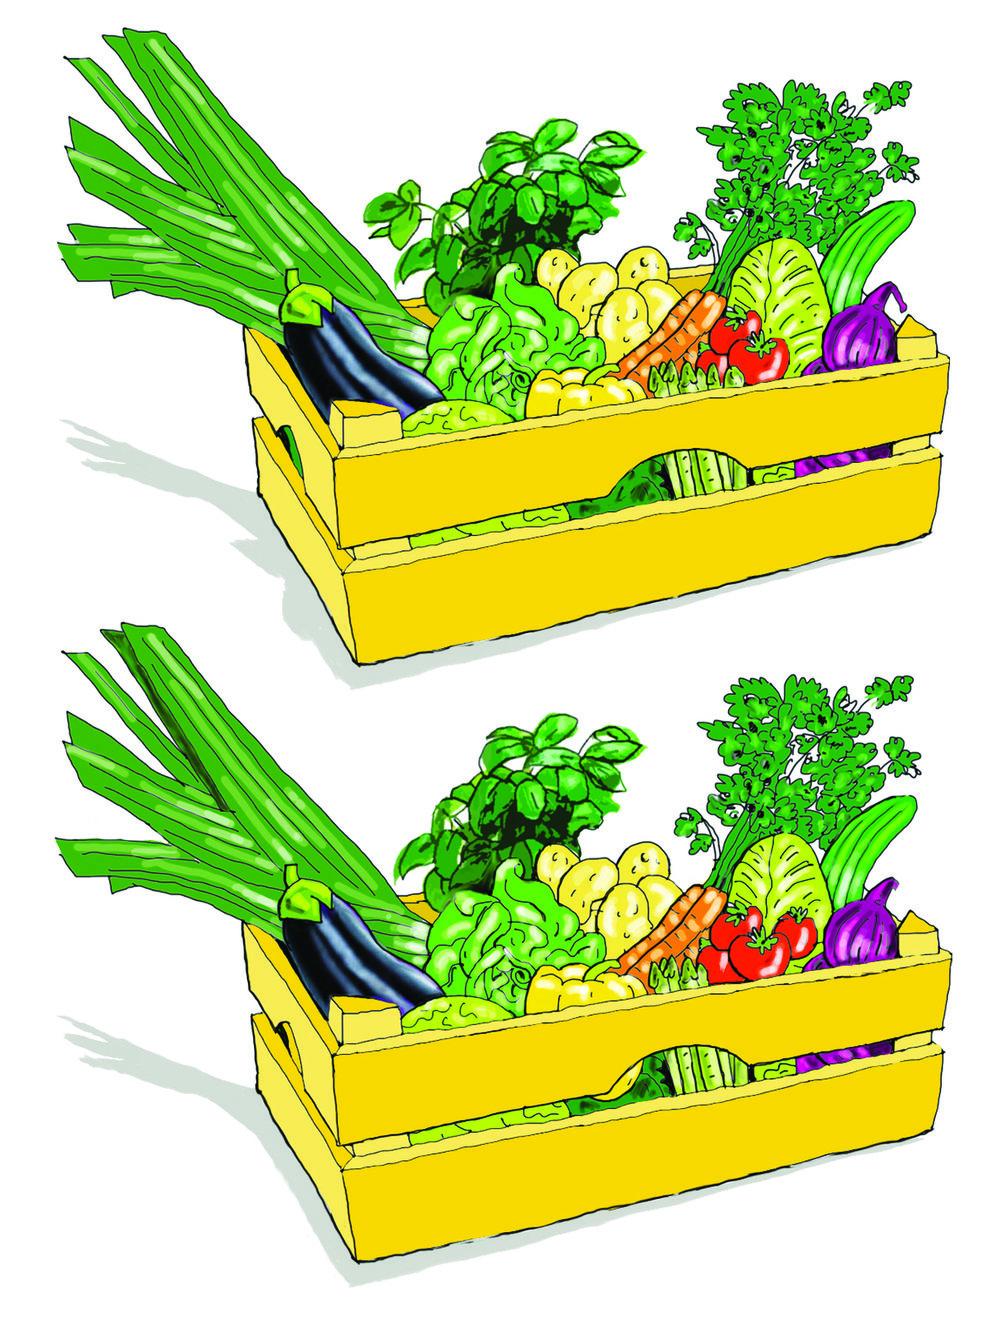 36_10 Verschillen - kist met groente.jpg